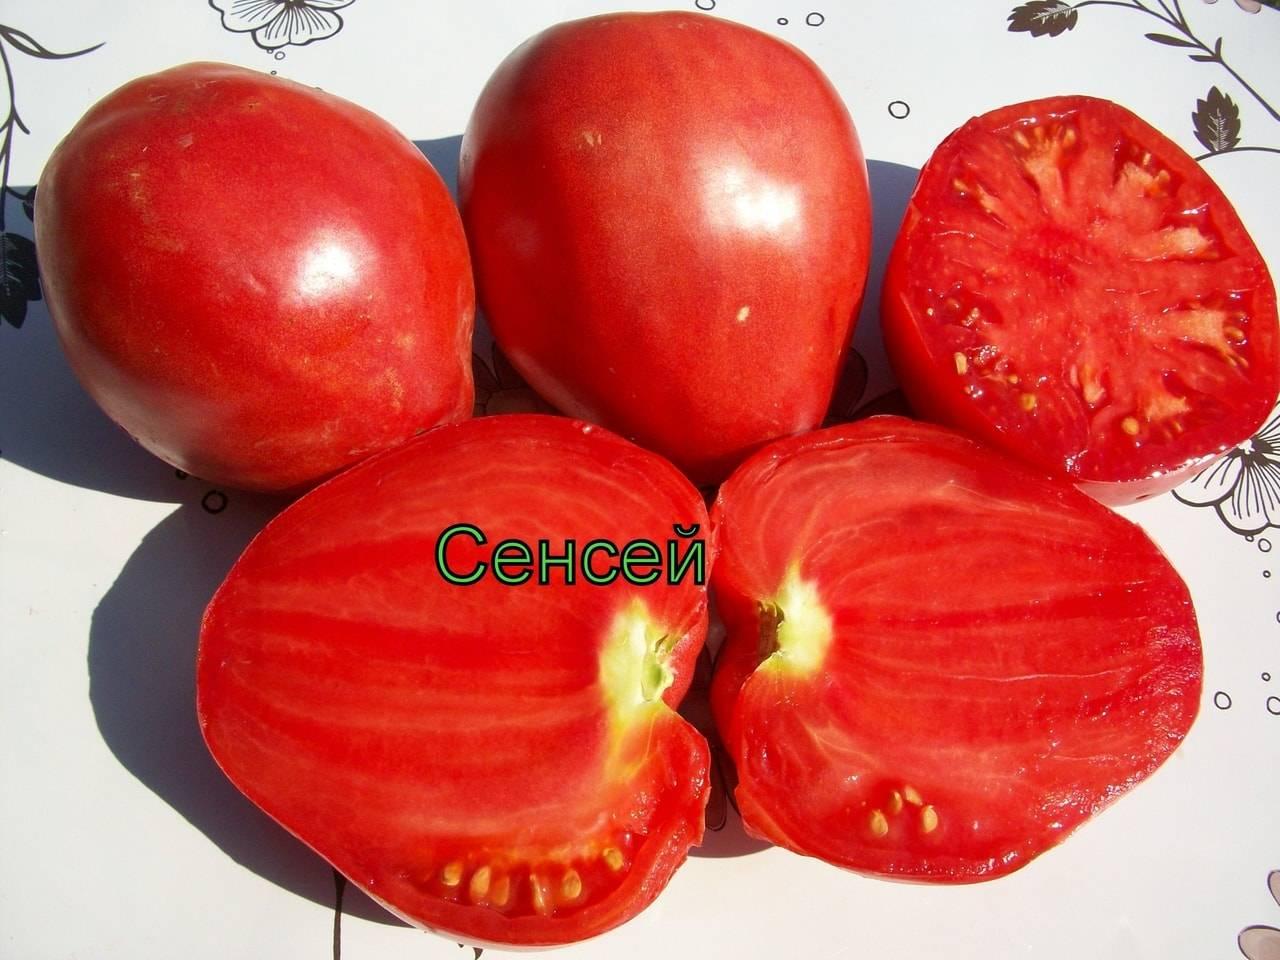 """Томат """"сенсей"""": описание помидоров и характеристика сорта, фото, урожайность куста"""